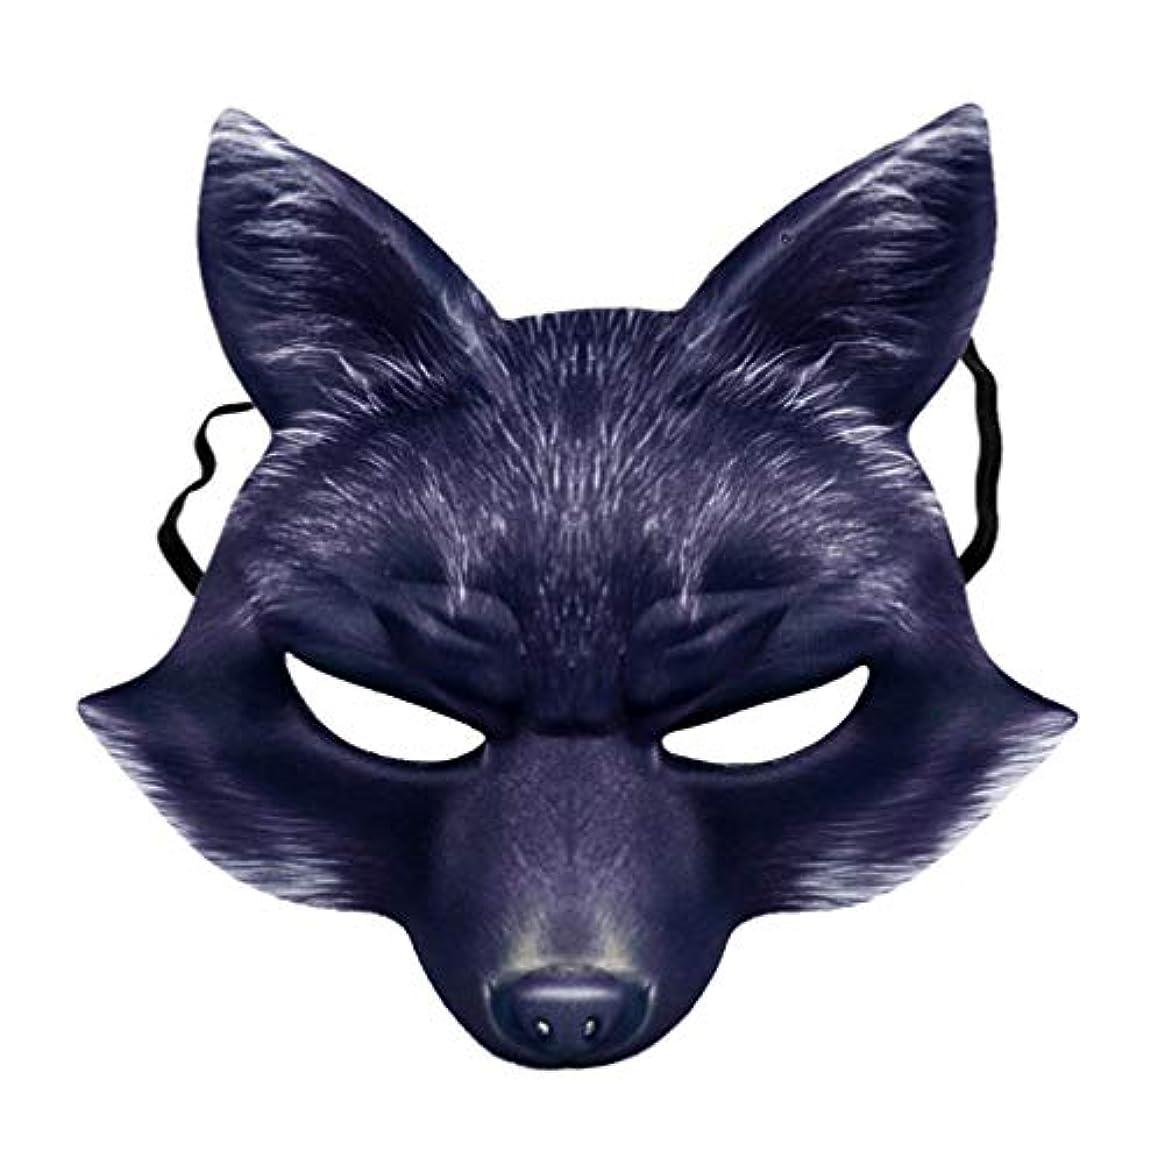 すでに心理学アミューズメントBESTOYARD キツネハーフフェイスマスク怖い動物コスチュームマスクアクセサリー用男性大人ハロウィンパーティーの好意